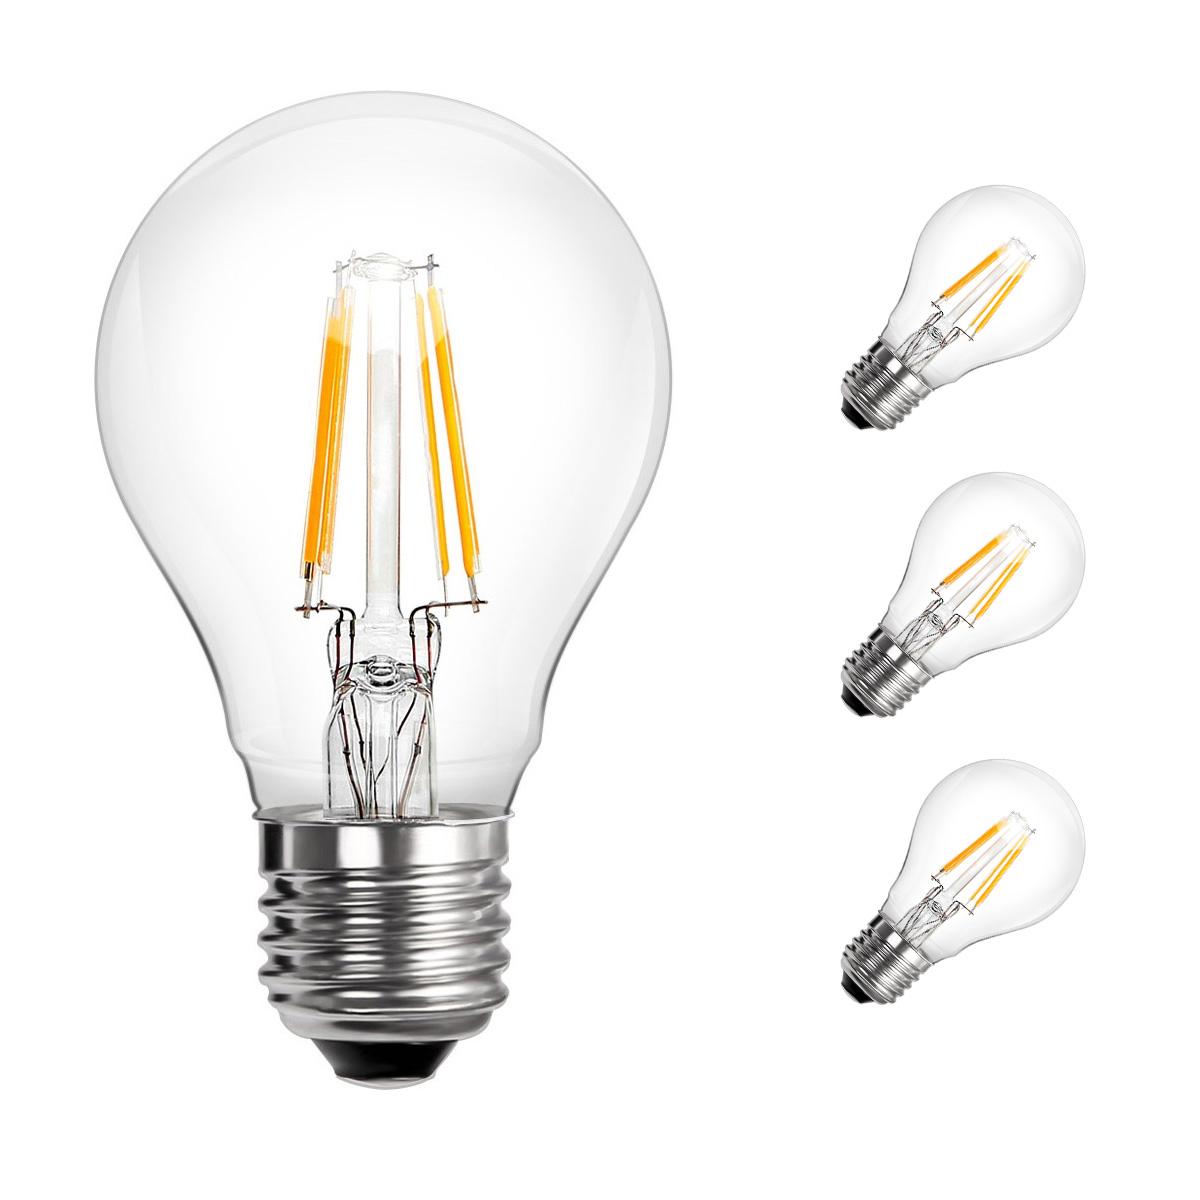 [Bündel] 4W A60 LED Glühfaden Birnen, 360° Strahler, Ersatz für 40W Glühlampe, Warmweiß, 3er Set